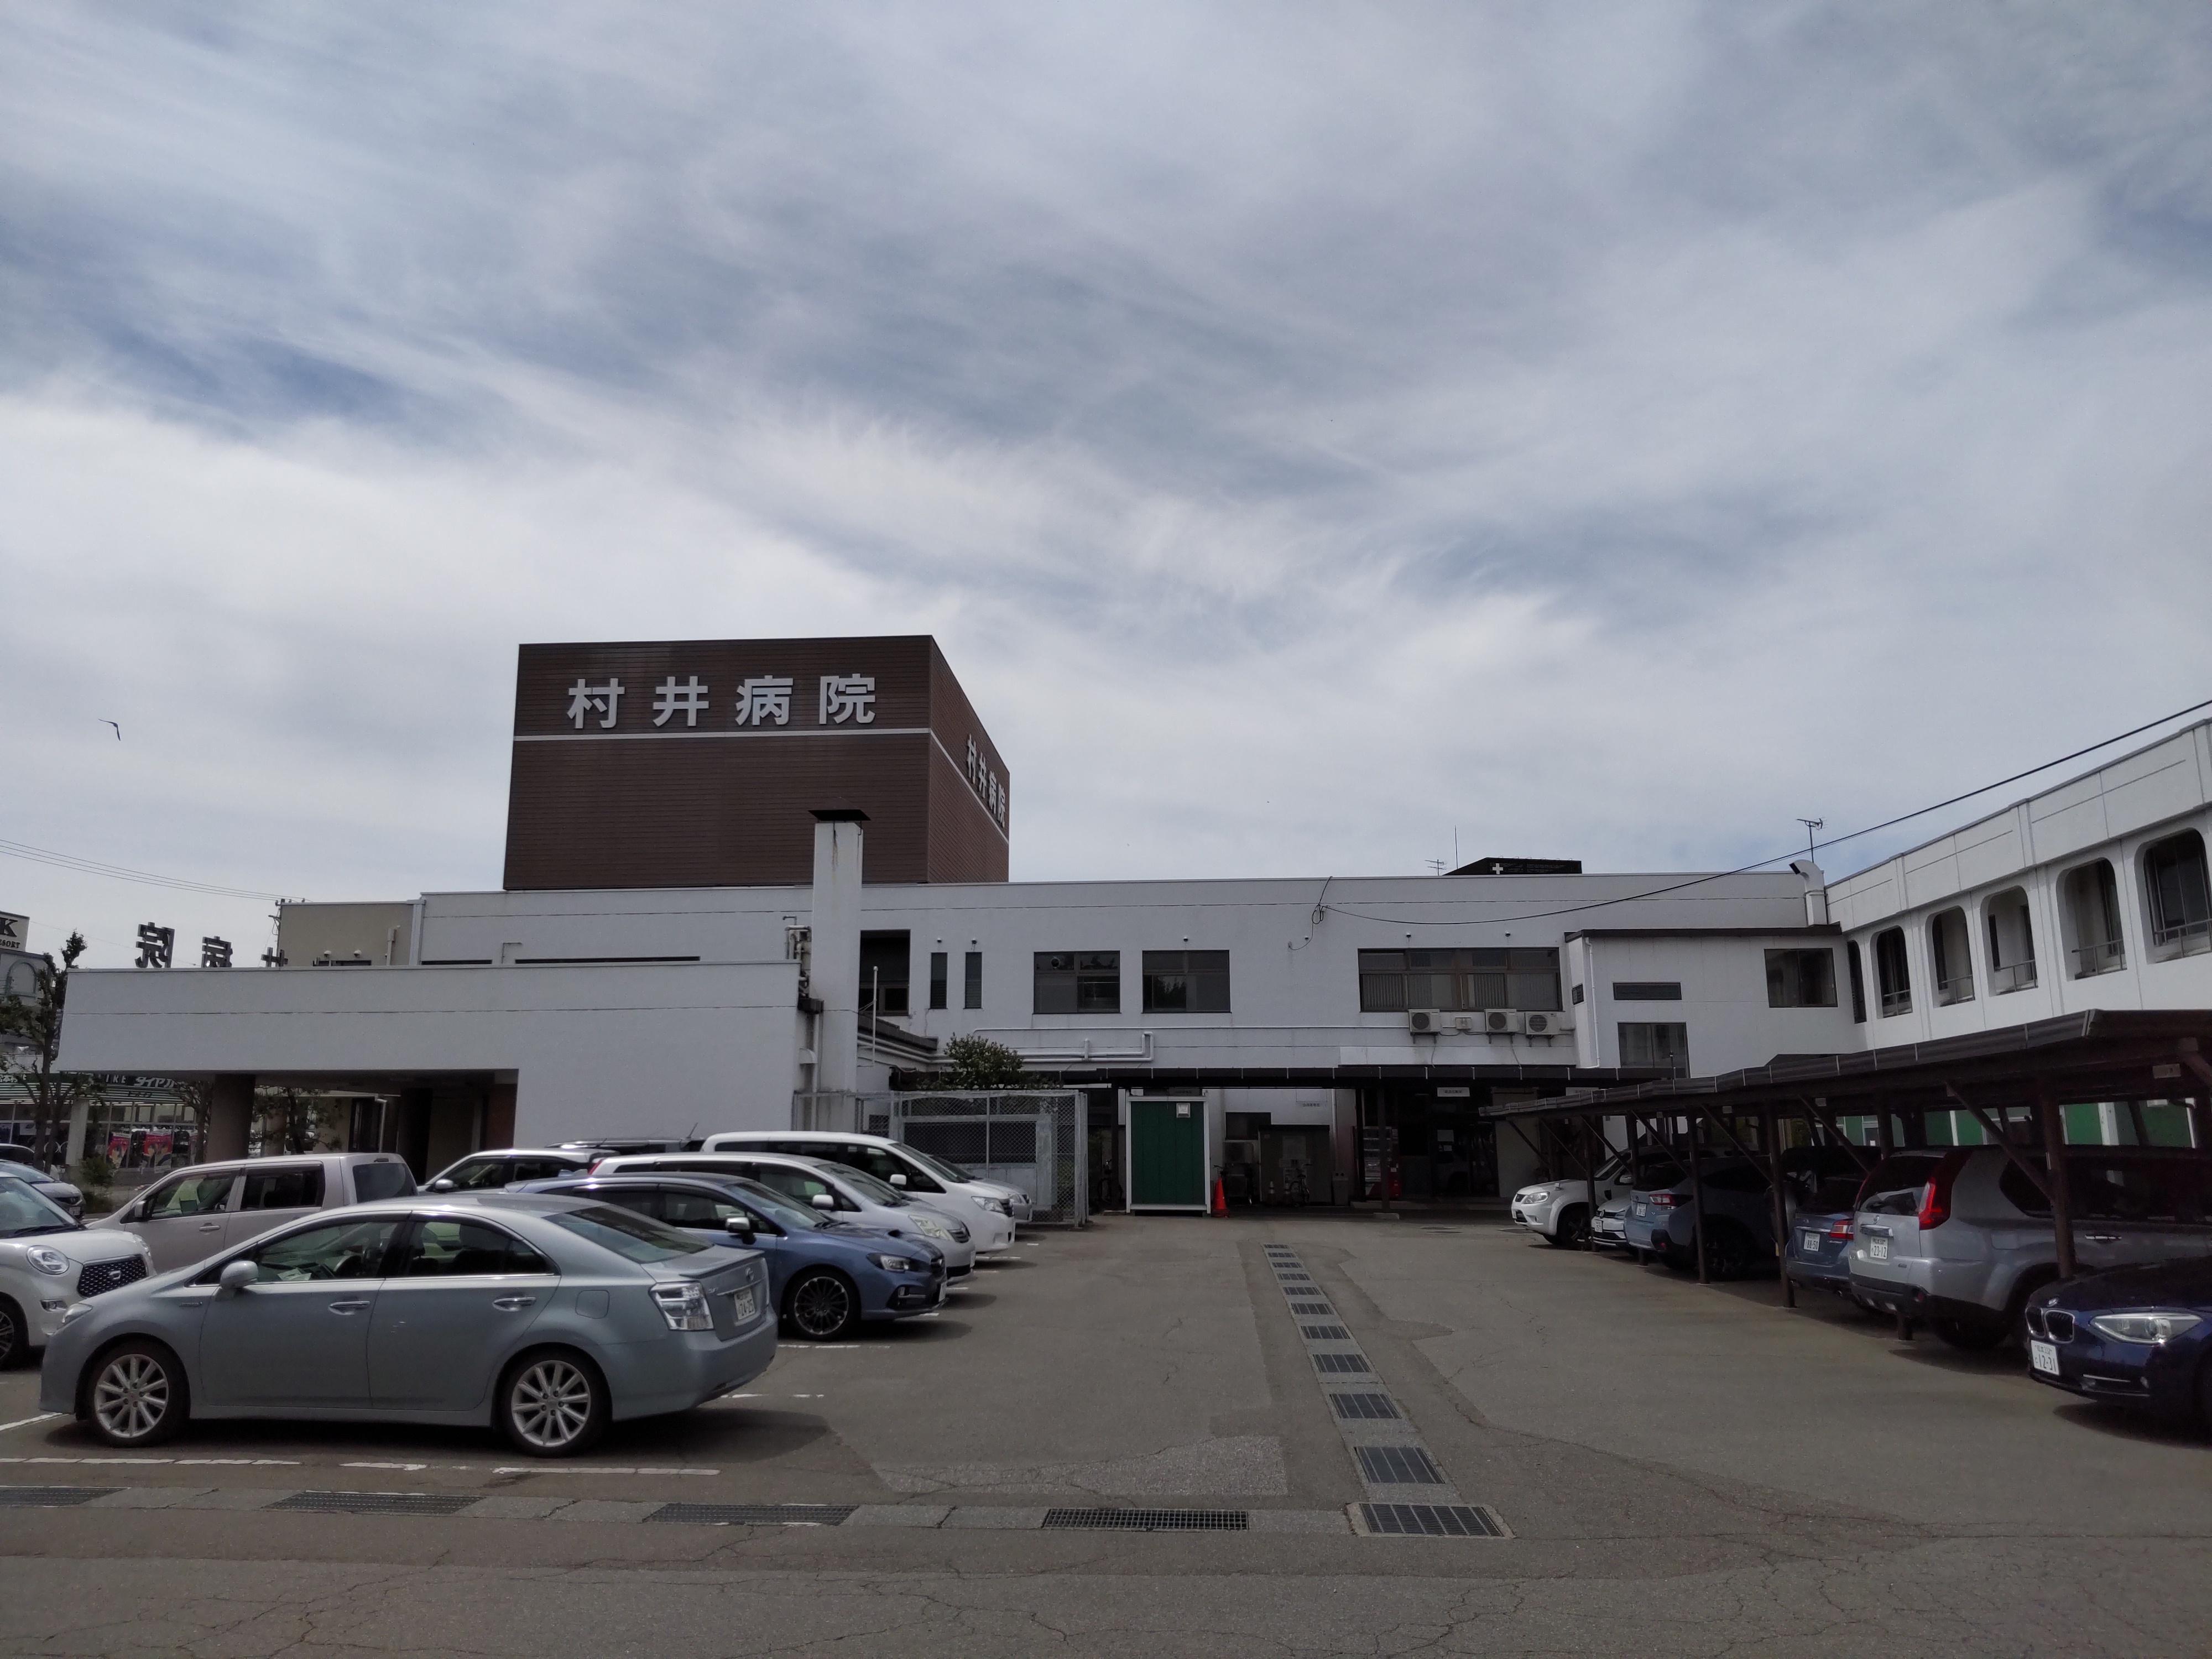 【村井病院】松本市村井町西にある精神科病院です。